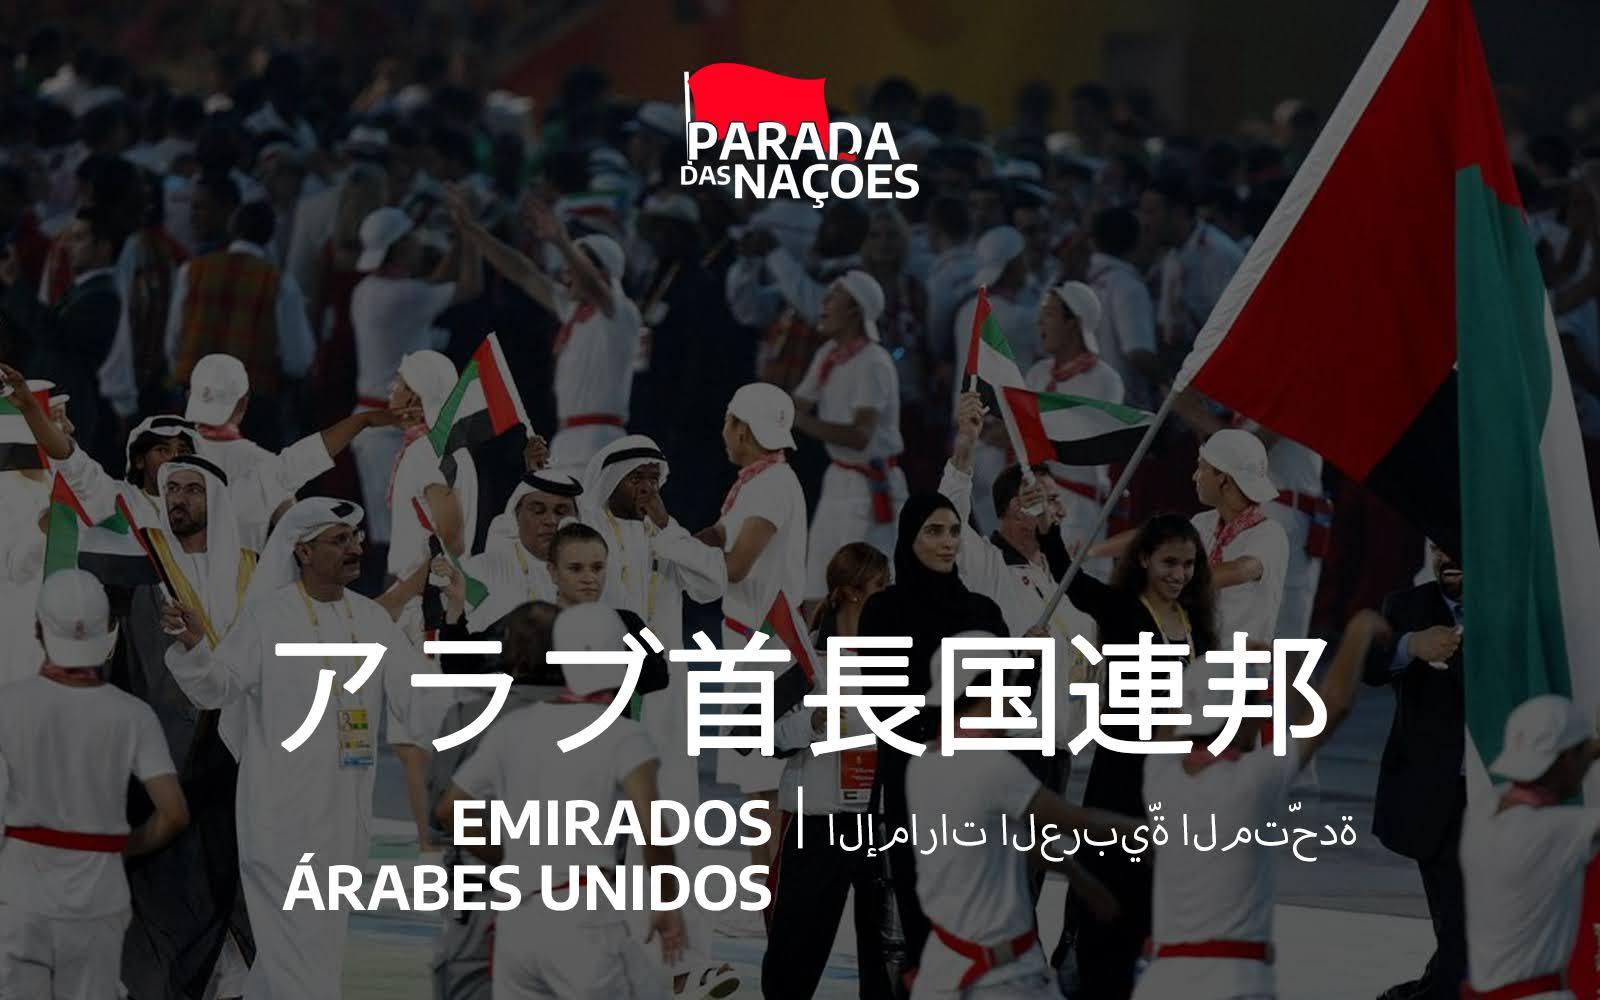 Delegação dos Emirados Árabes Unidos na cerimônia de abertura